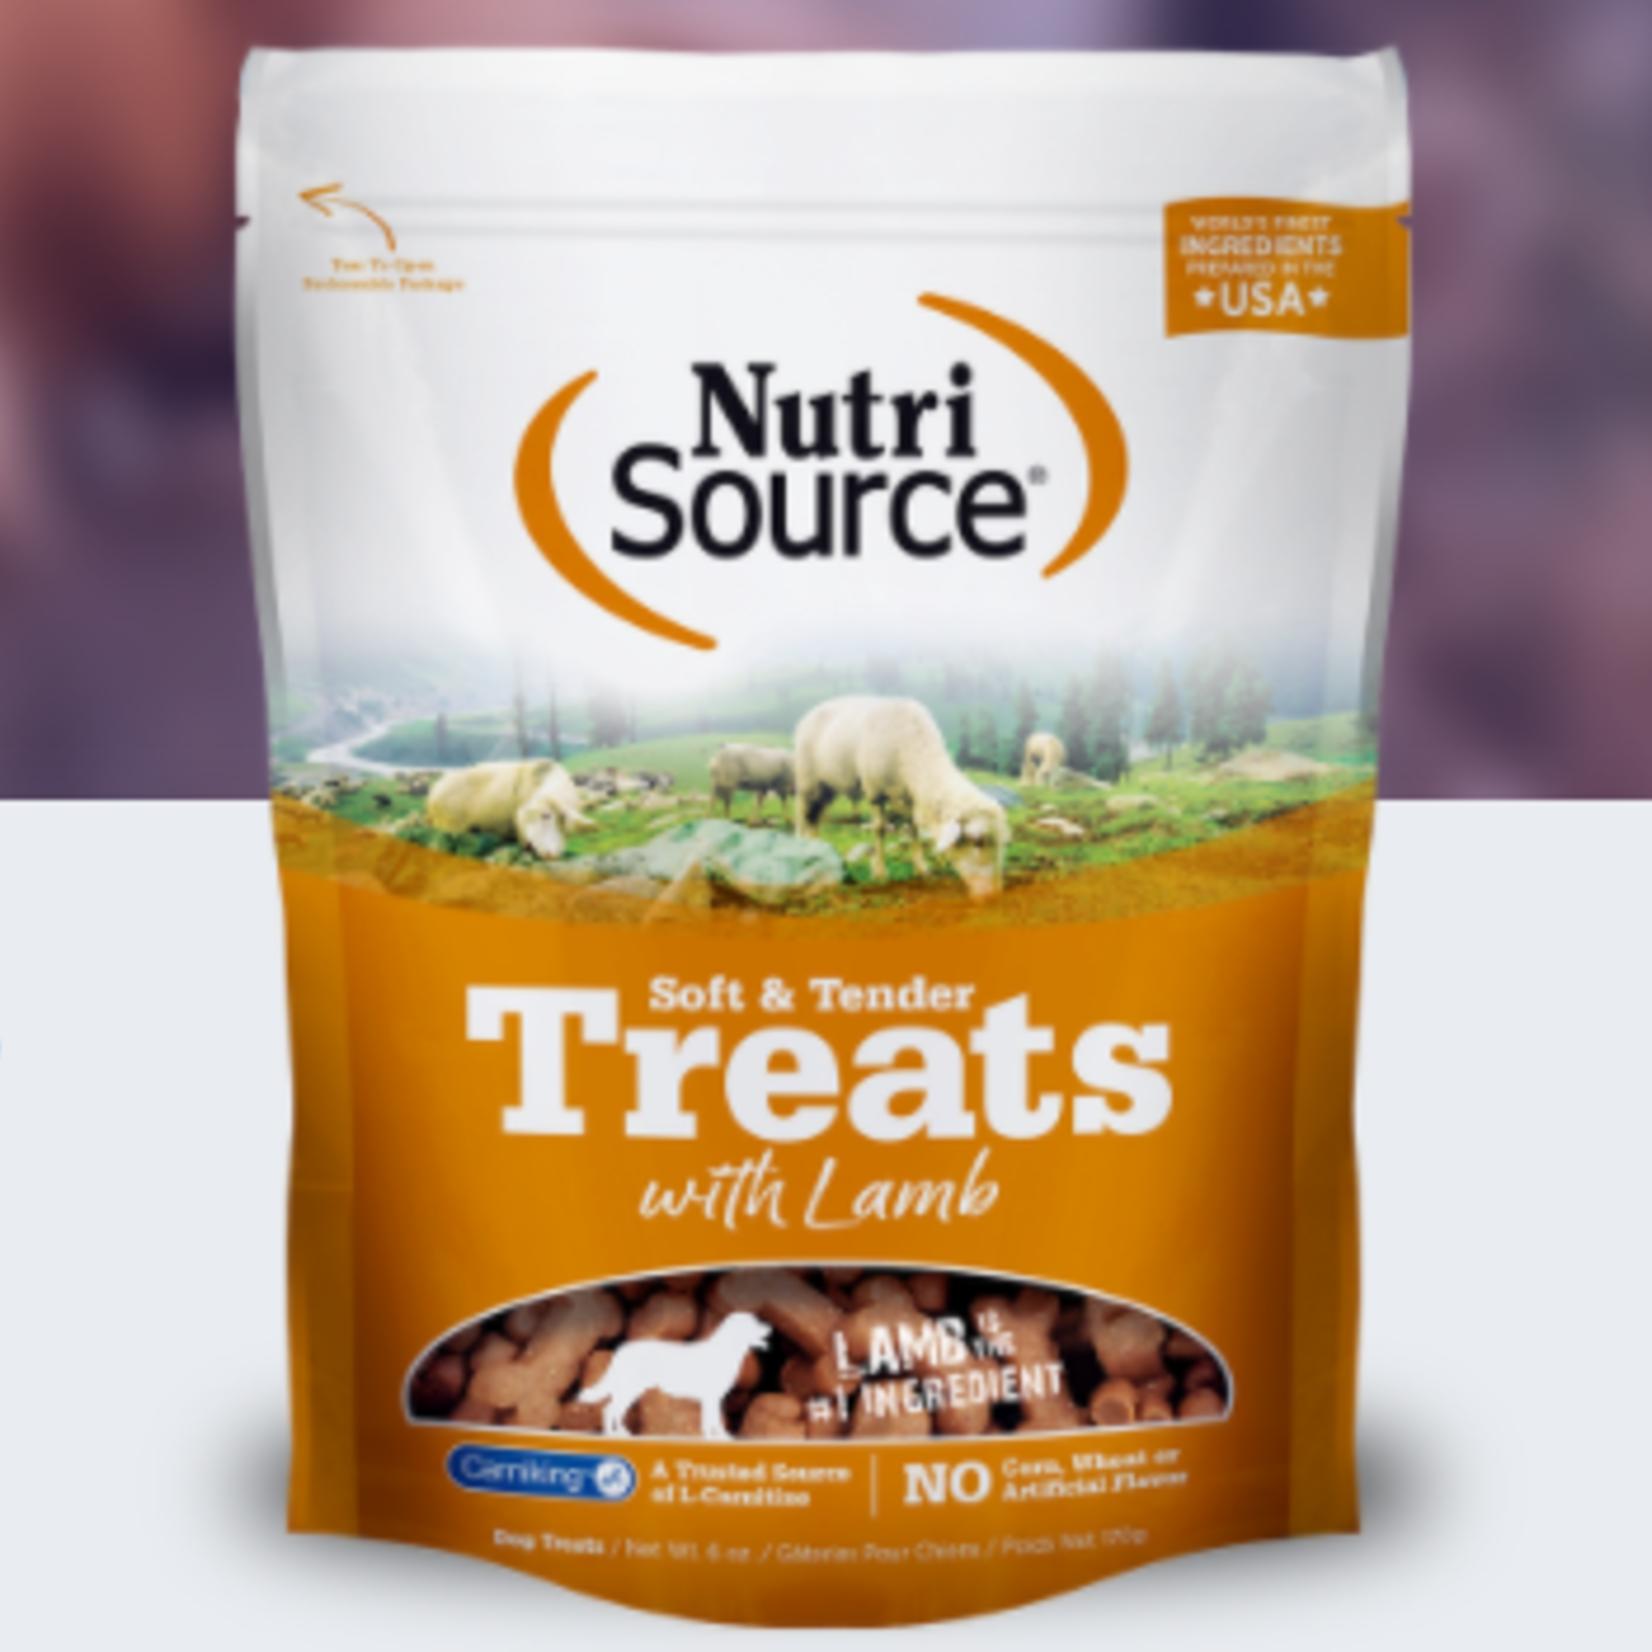 Nutri-Source Gâteries tendres et tendres à l'agneau - 6 oz